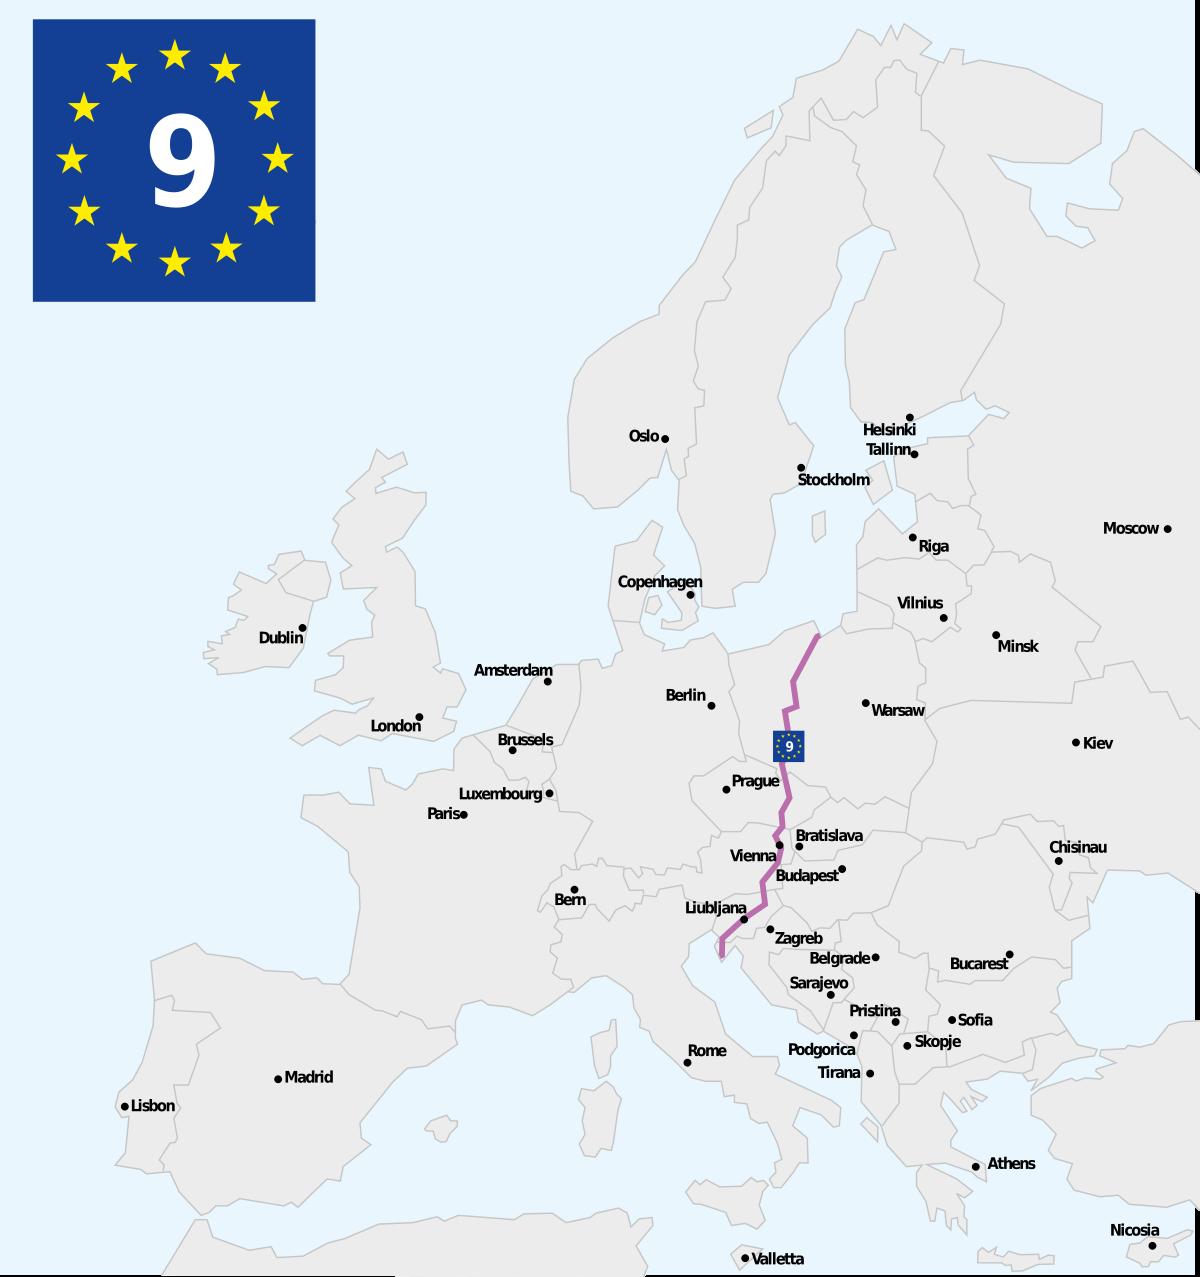 eurovelo 9